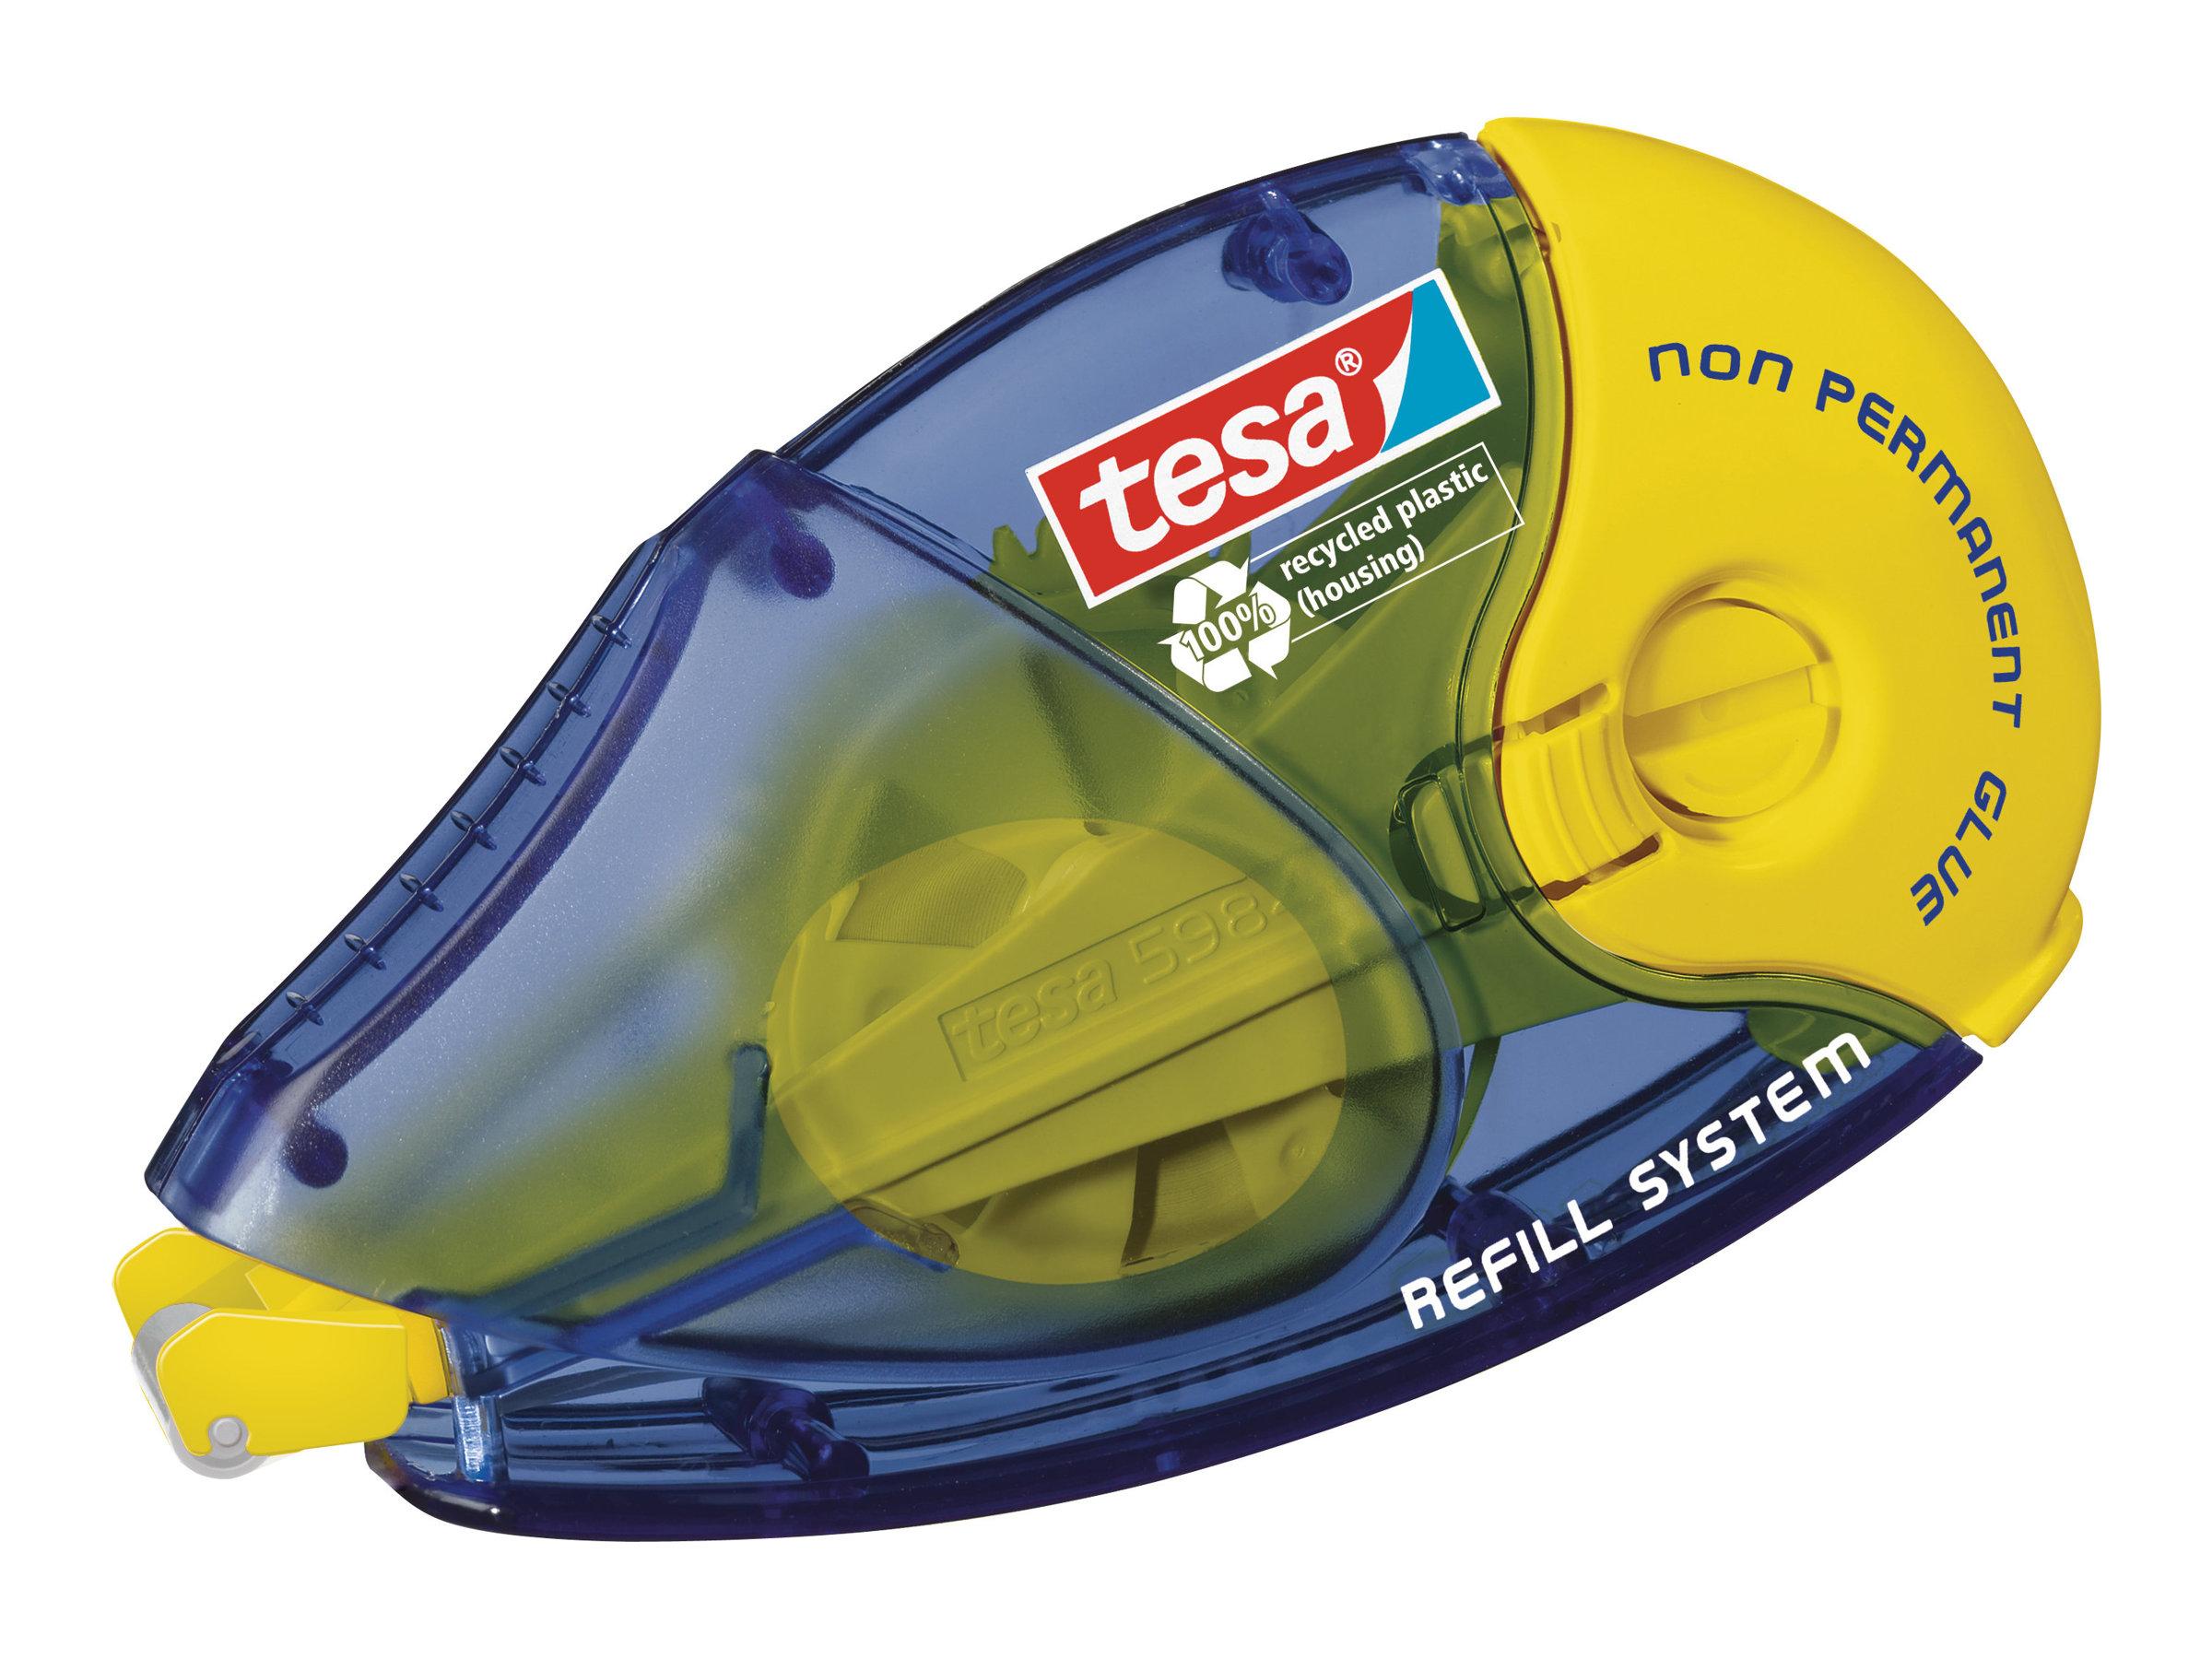 Tesa ecoLogo - Roller de colle - 8.4 mm x 14 m - non permanent